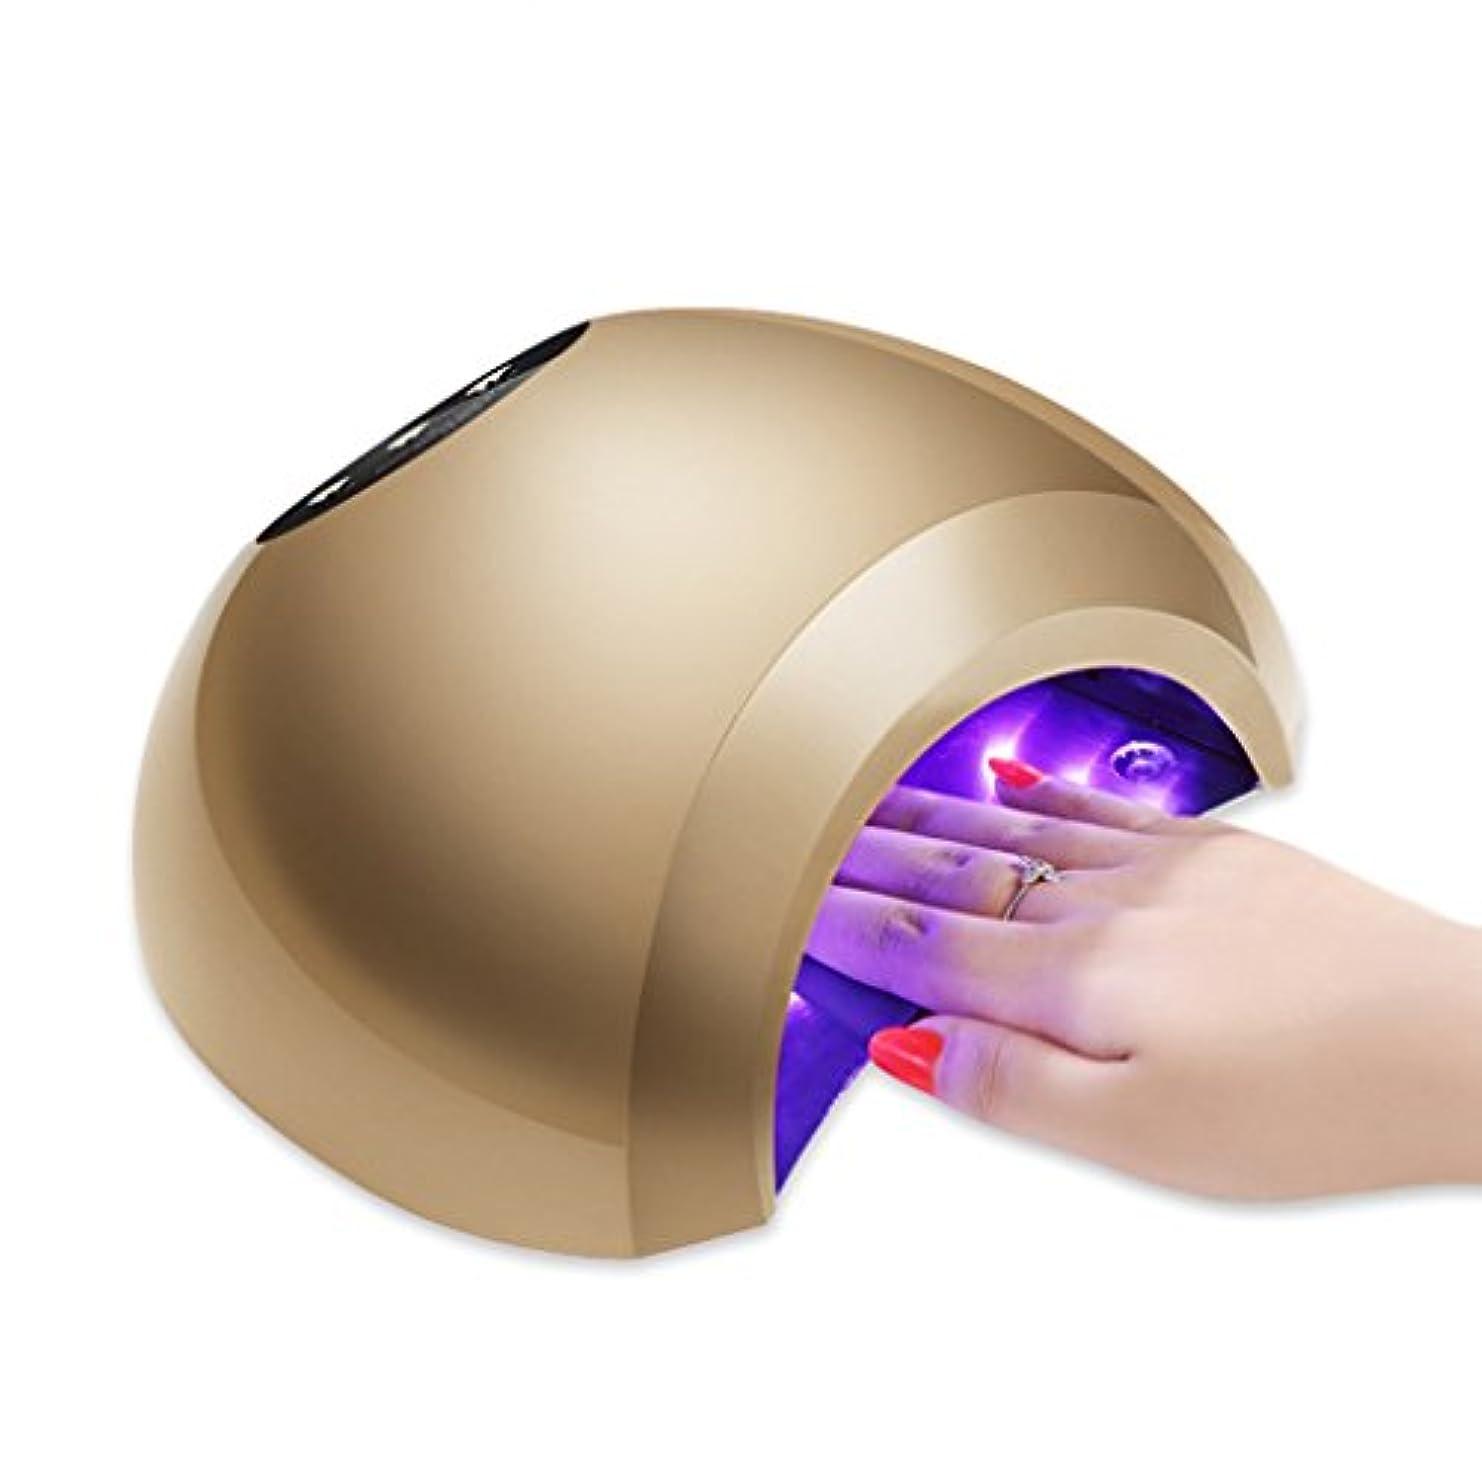 ハンマー誕生着服48WネイルランプUVビールジェルネイルドライヤー24ビーズ3タイマー設定10秒/ 30秒/ 60秒と自動センサー、プロ用ゲル硬化用硬化ランプ